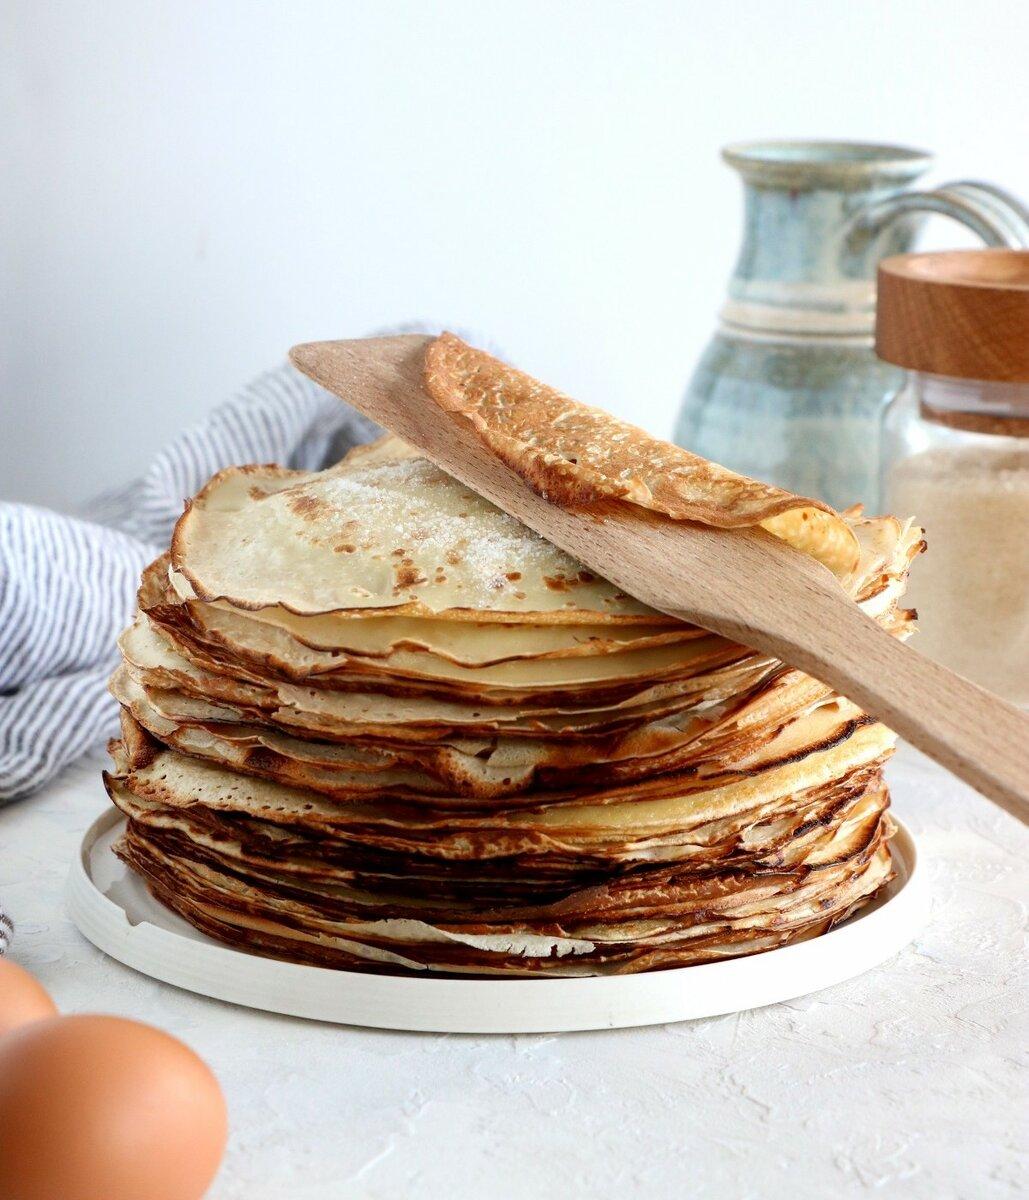 Топ-10 пошаговых рецептов блинов и лучшие соусы к ним